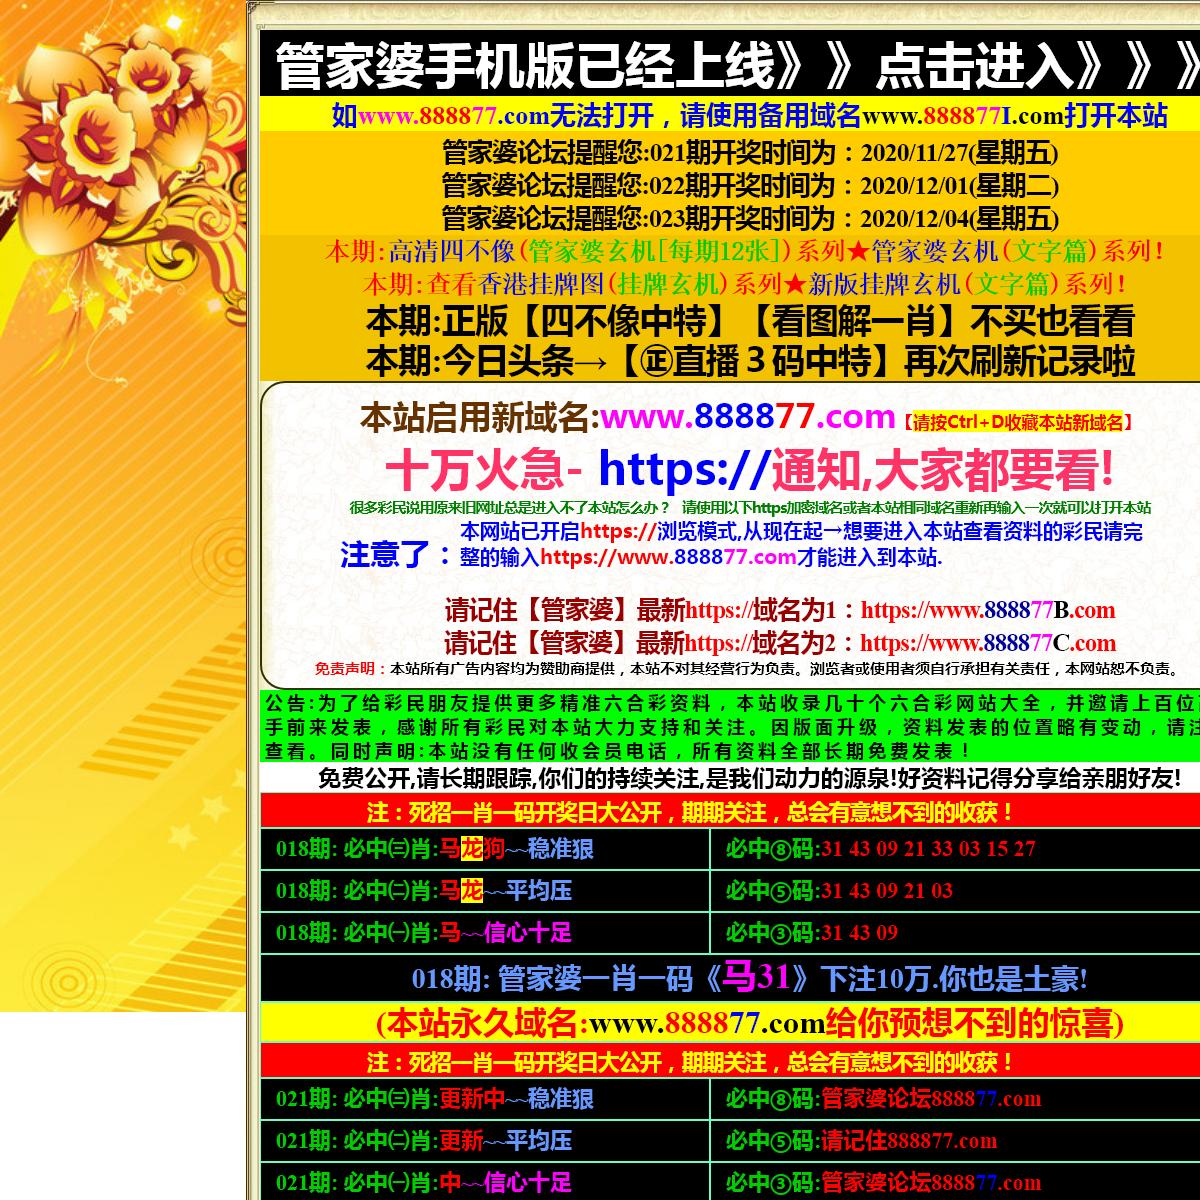 香港马会2020年管家婆资料下载,188开奖现场直播,118香港最快历史开奖记录结果,惠泽天下精准高手1